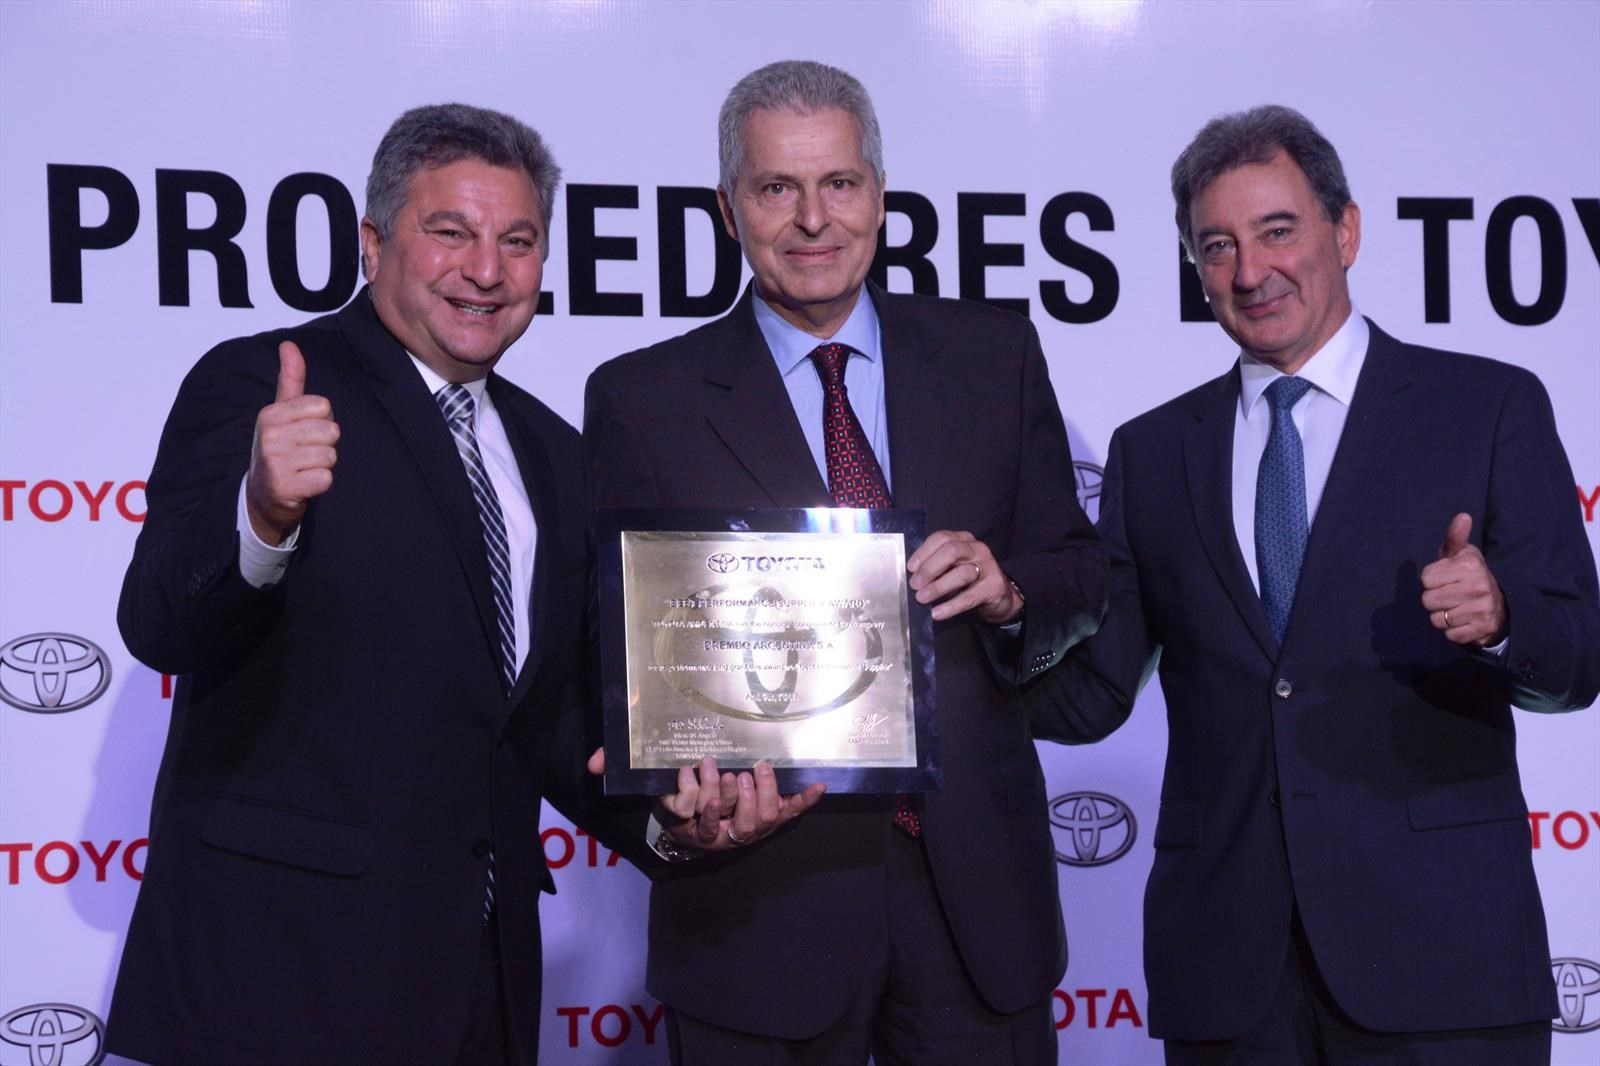 Toyota reconoció a sus proveedores